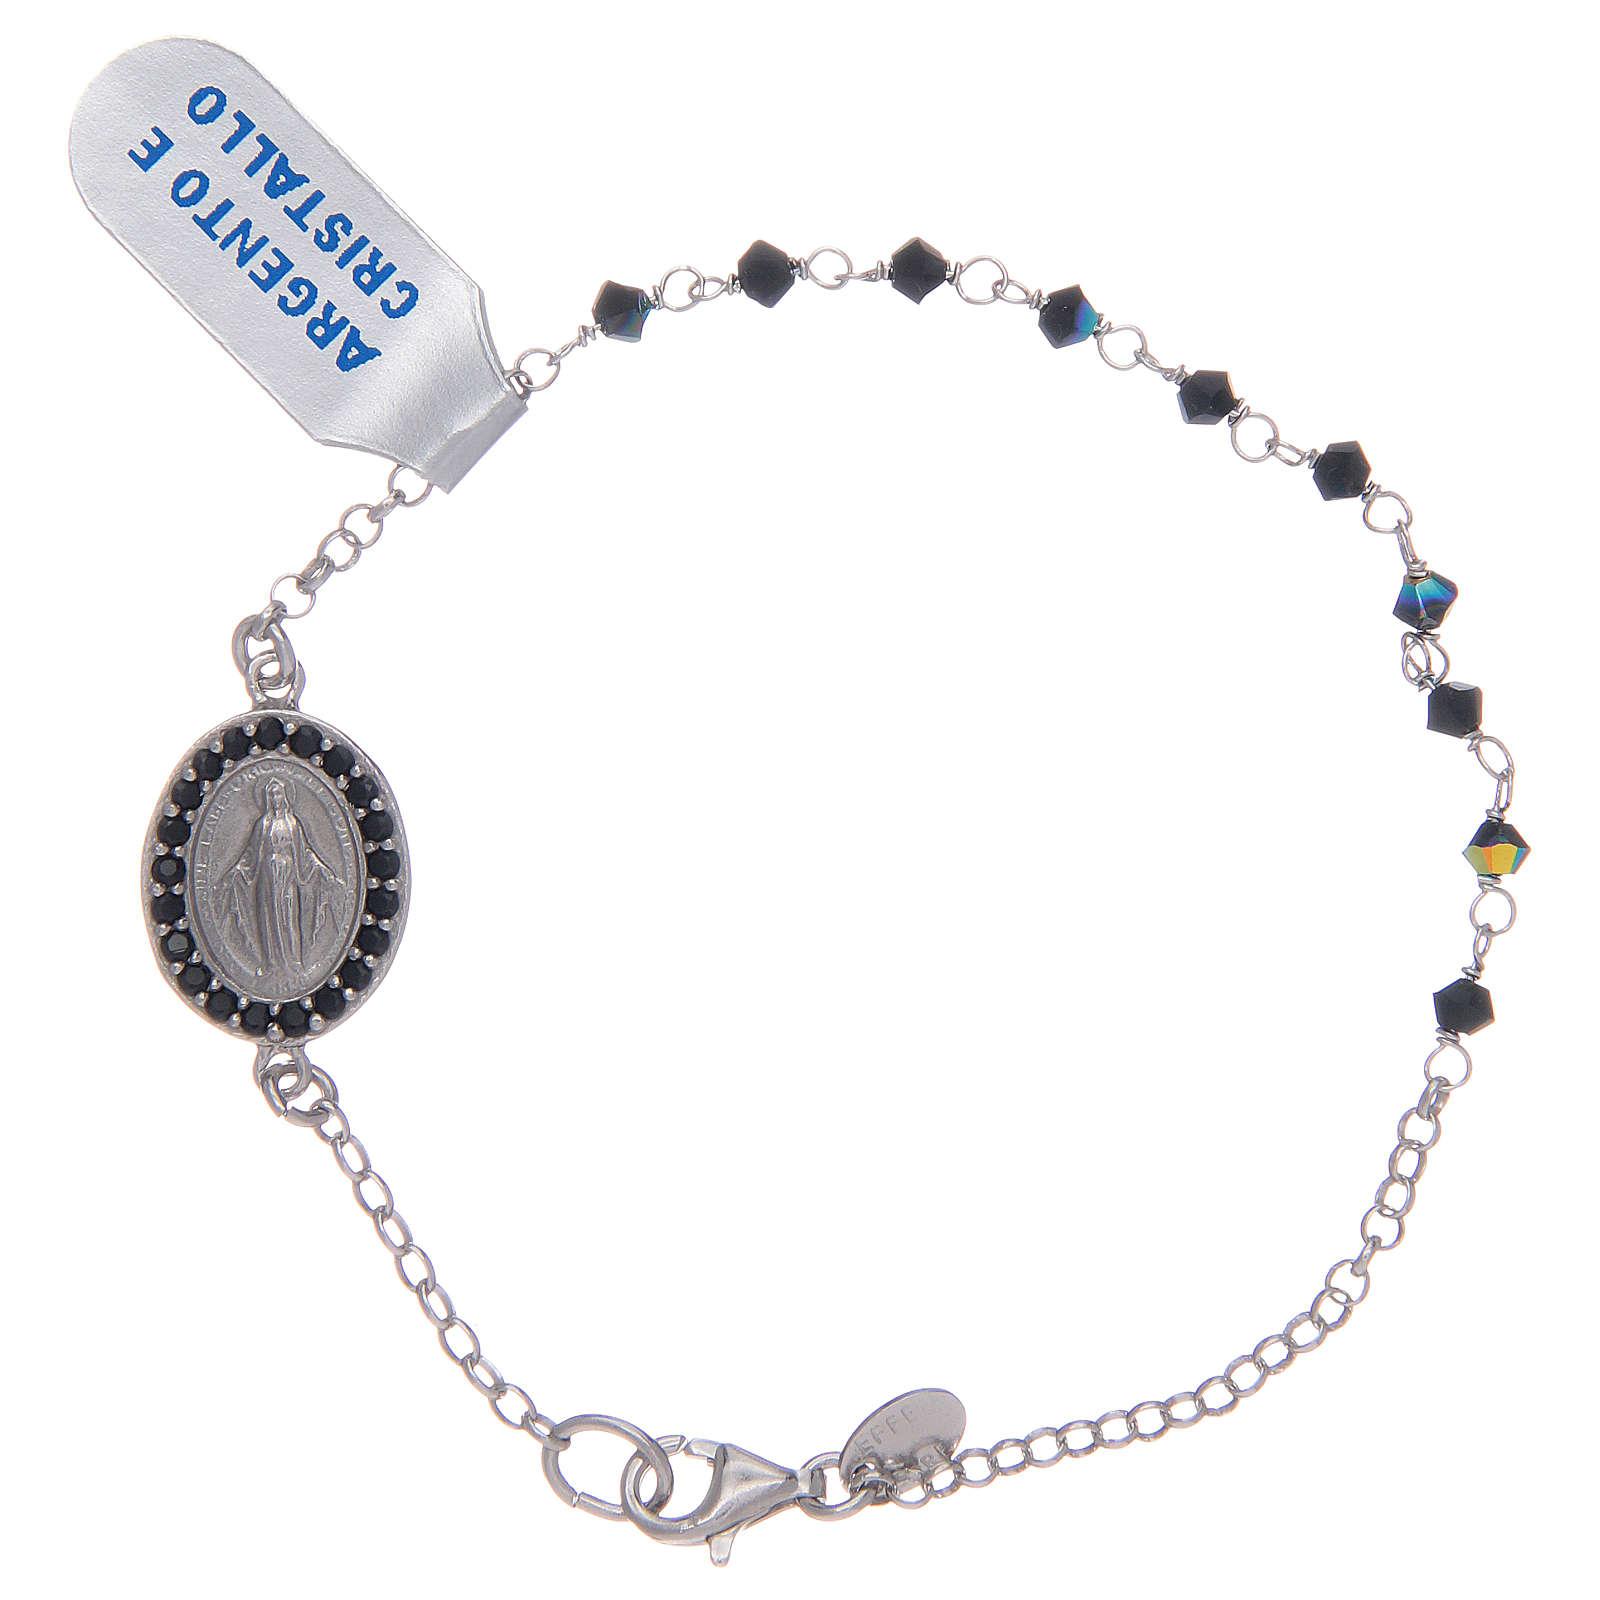 Pulsera Medalla Virgen Milagrosa circones negros en plata 925 4